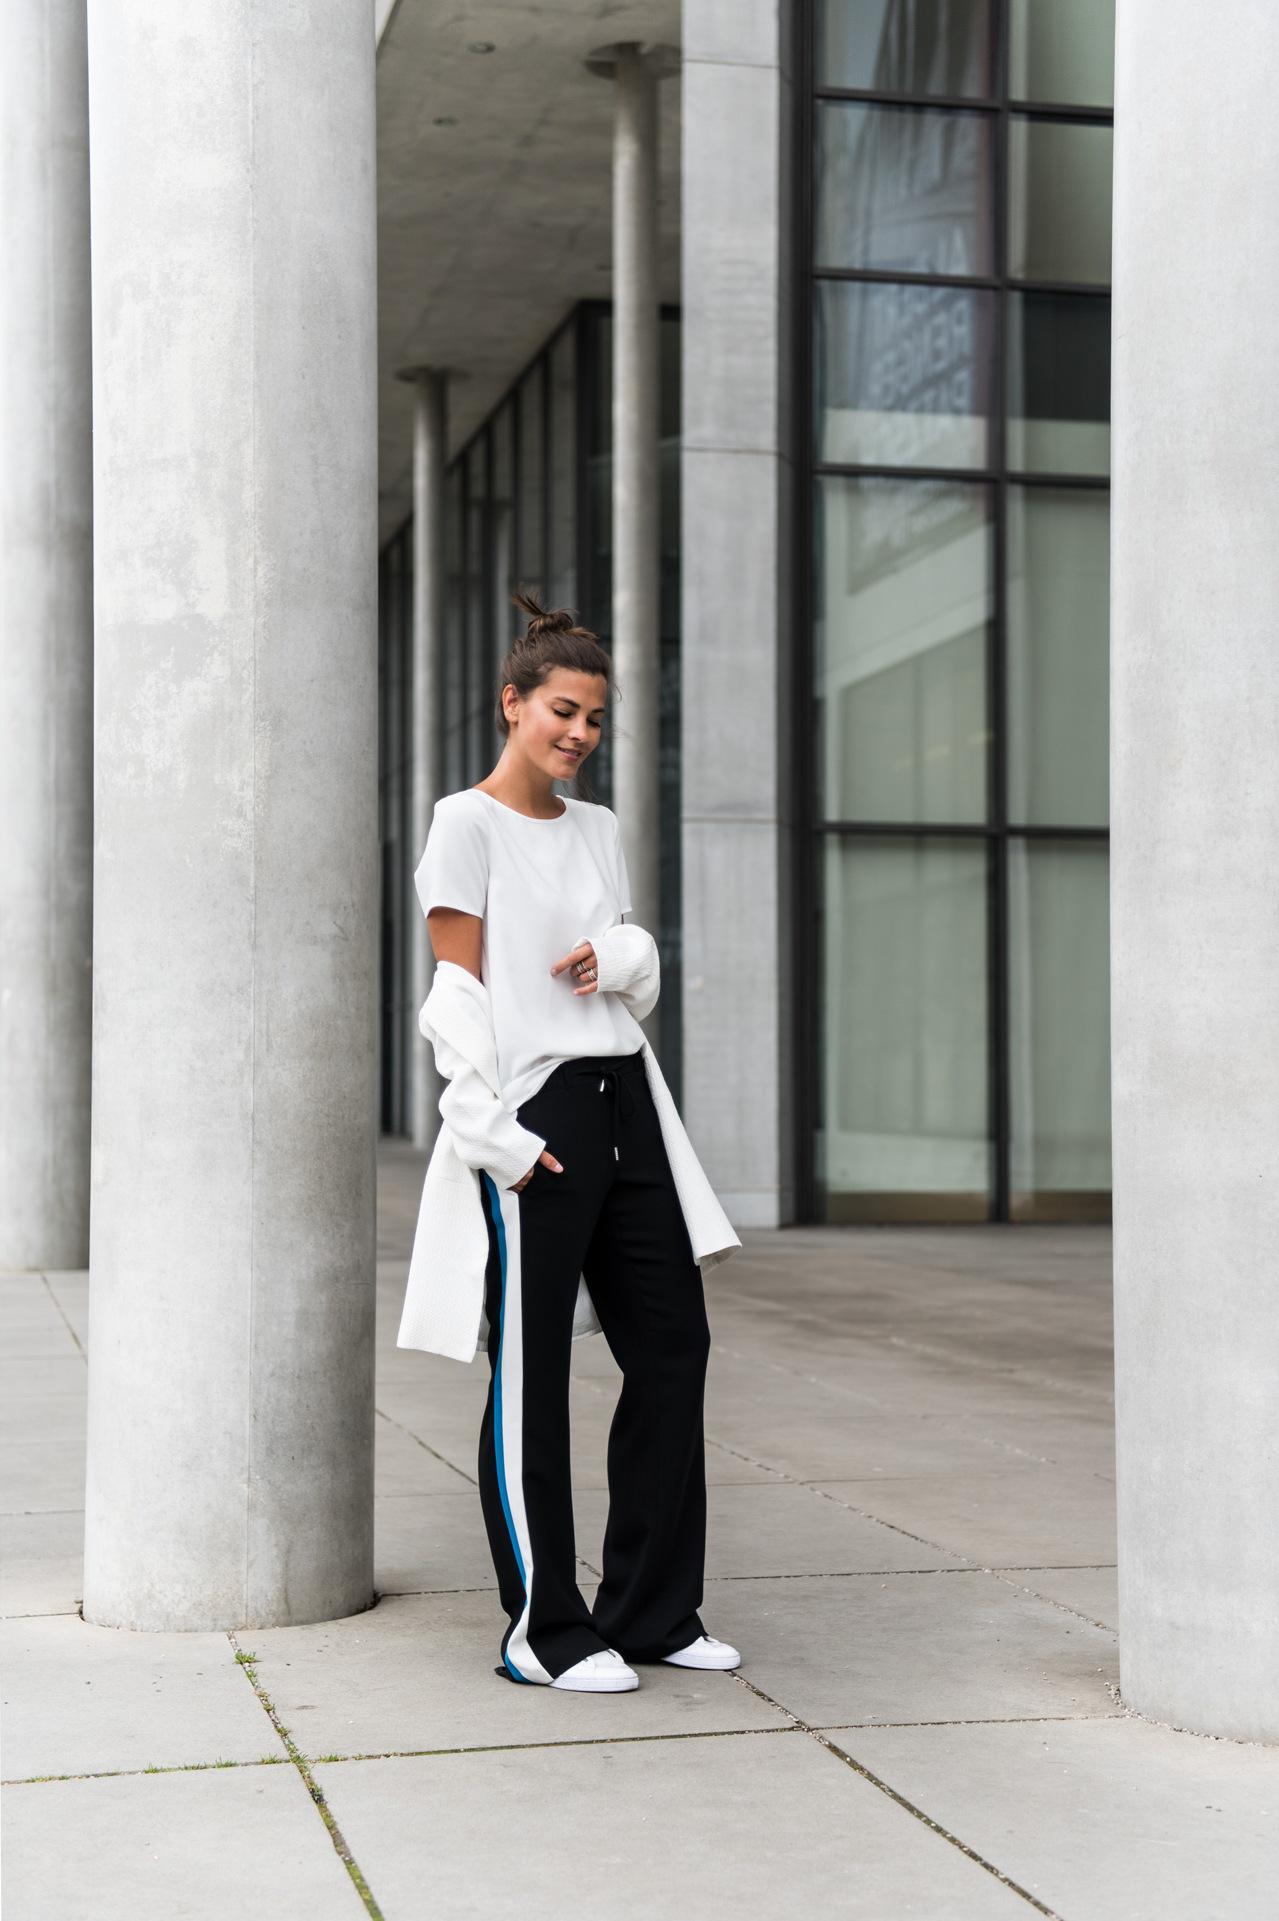 fashion-influencer-germany-munich-fashionblog-deutschland-münchen-mode-blog-nina-schwichtenberg-fashiioncarpet-malediven-reise